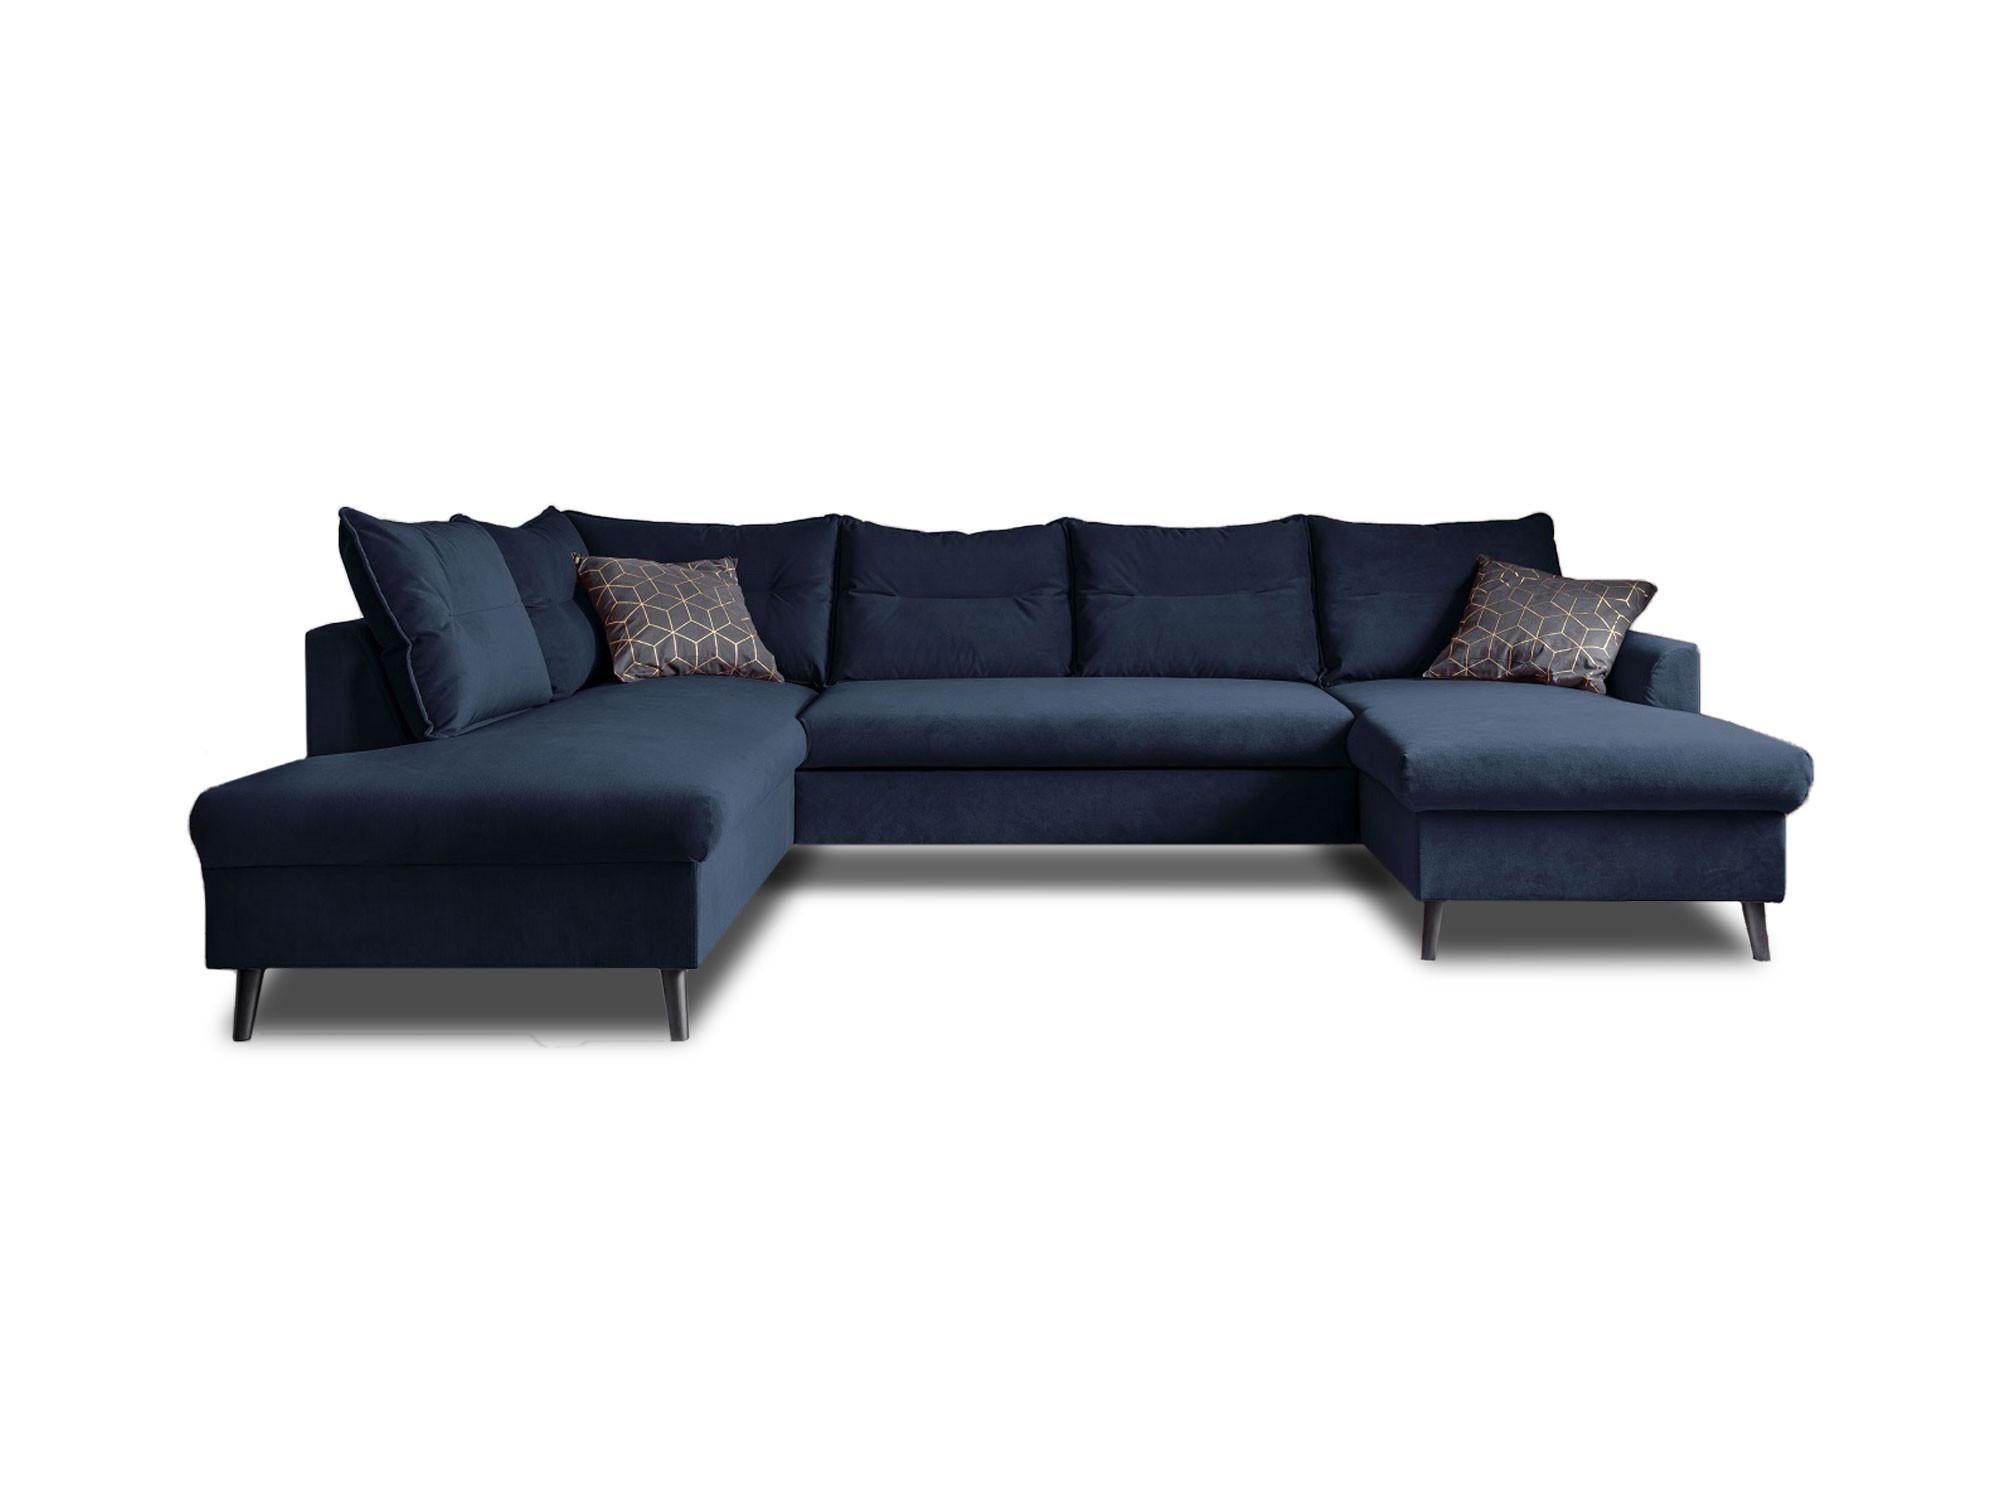 Canapé panoramique Angle gauche 7 places Tissu Bleu marine